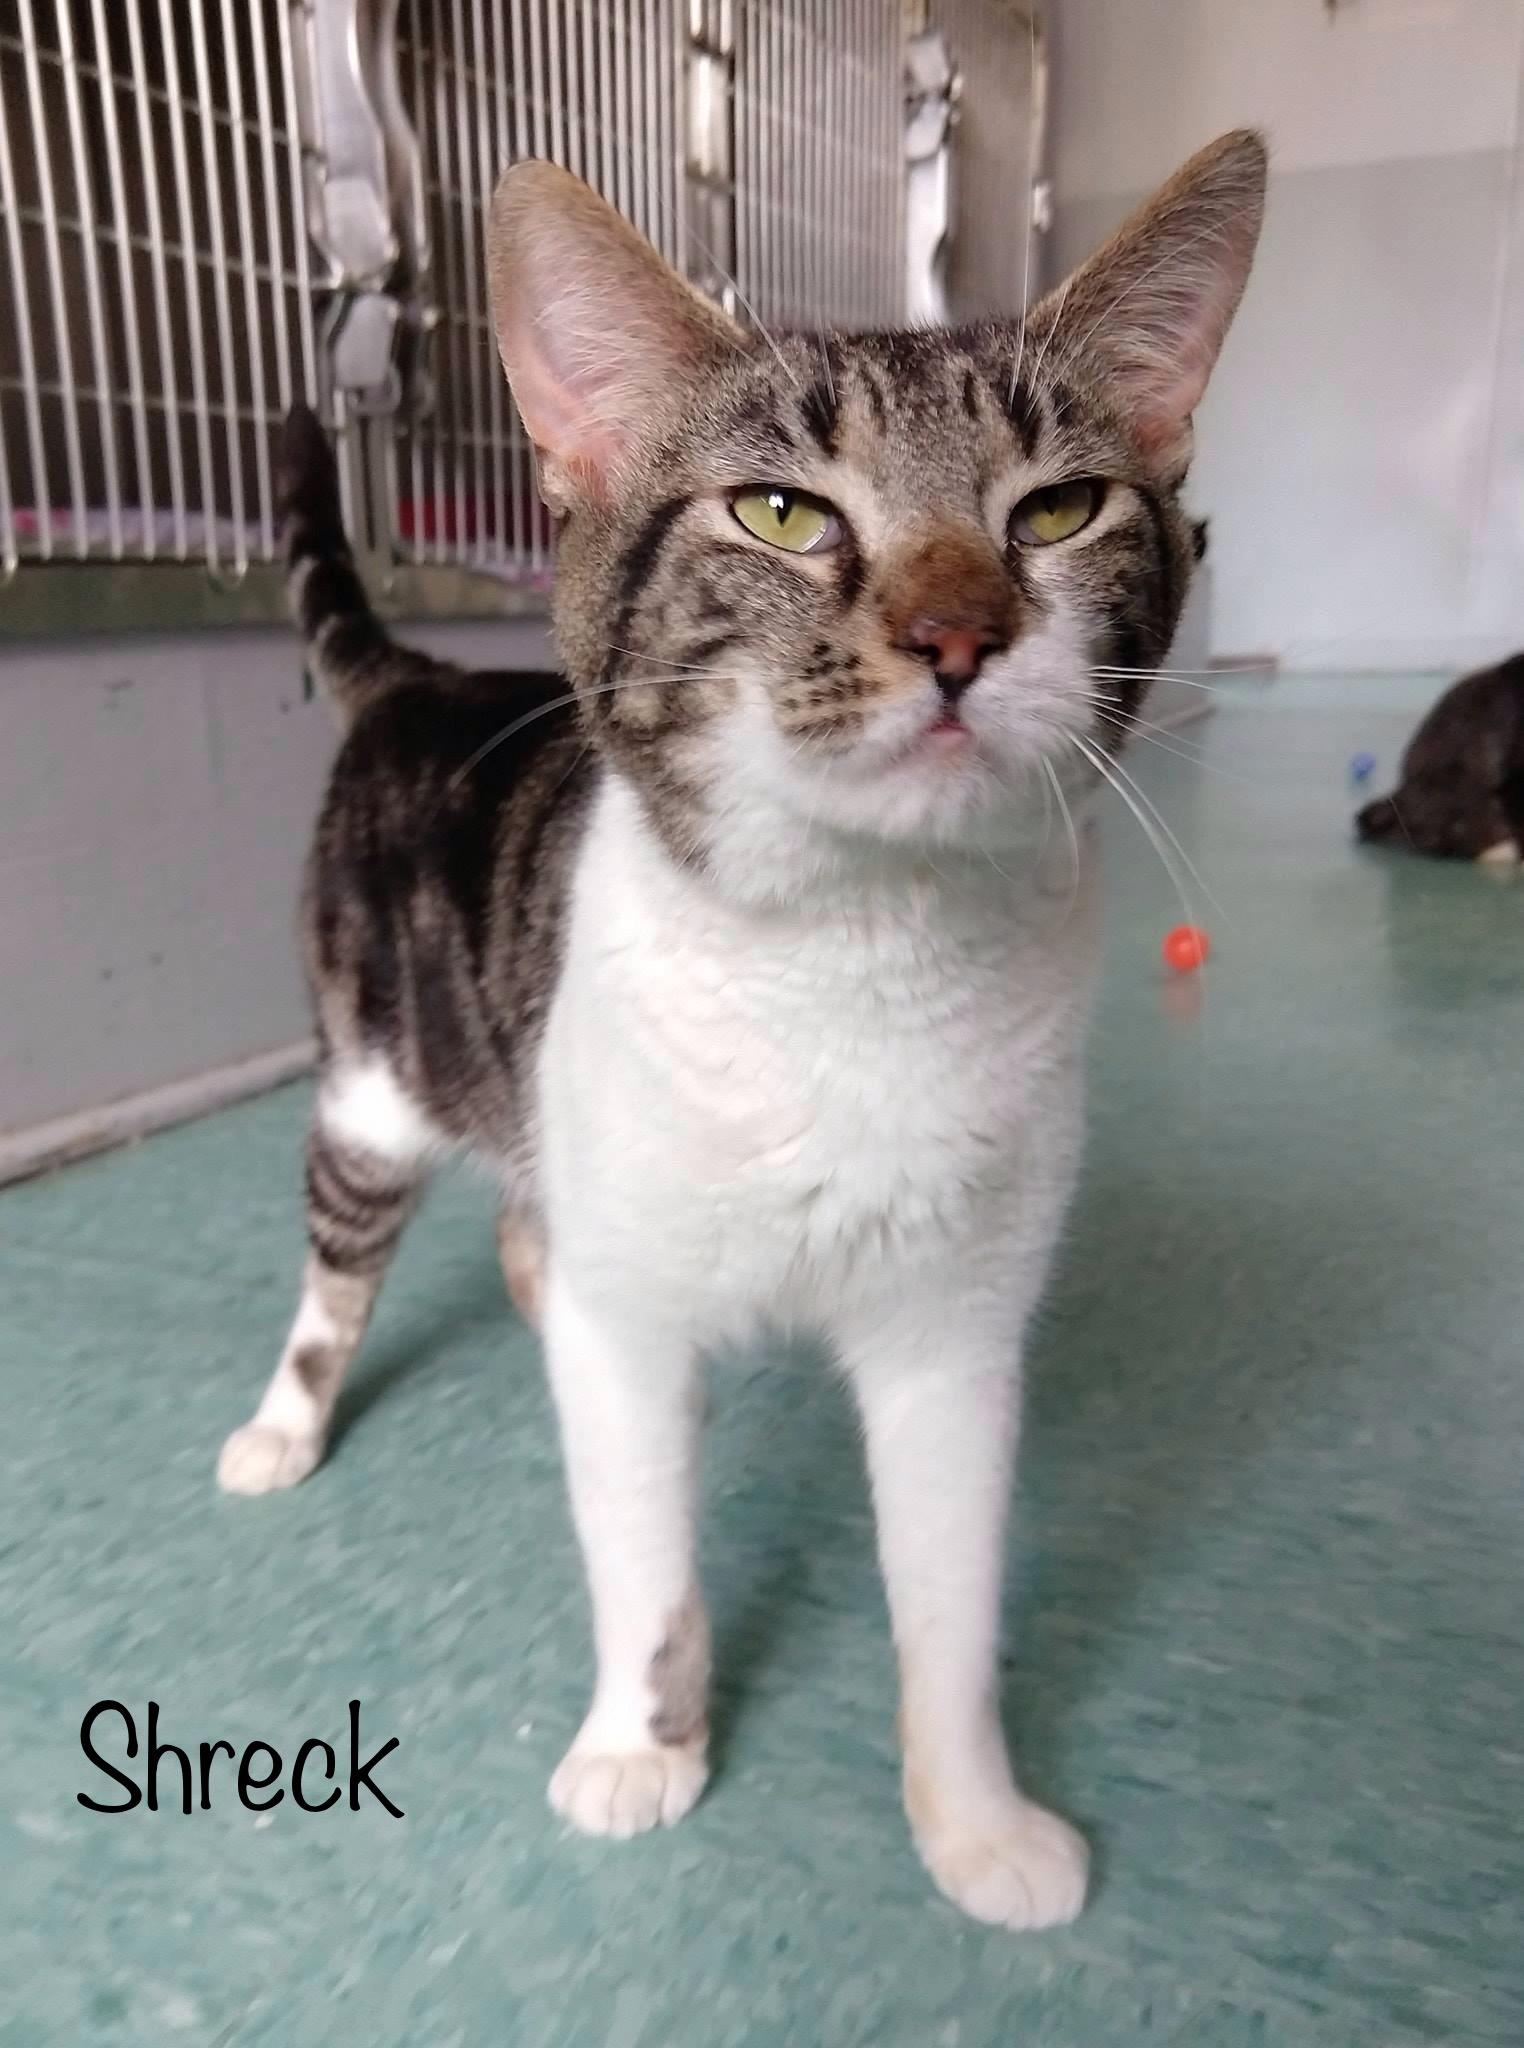 Shreck - Domestic Short Hair